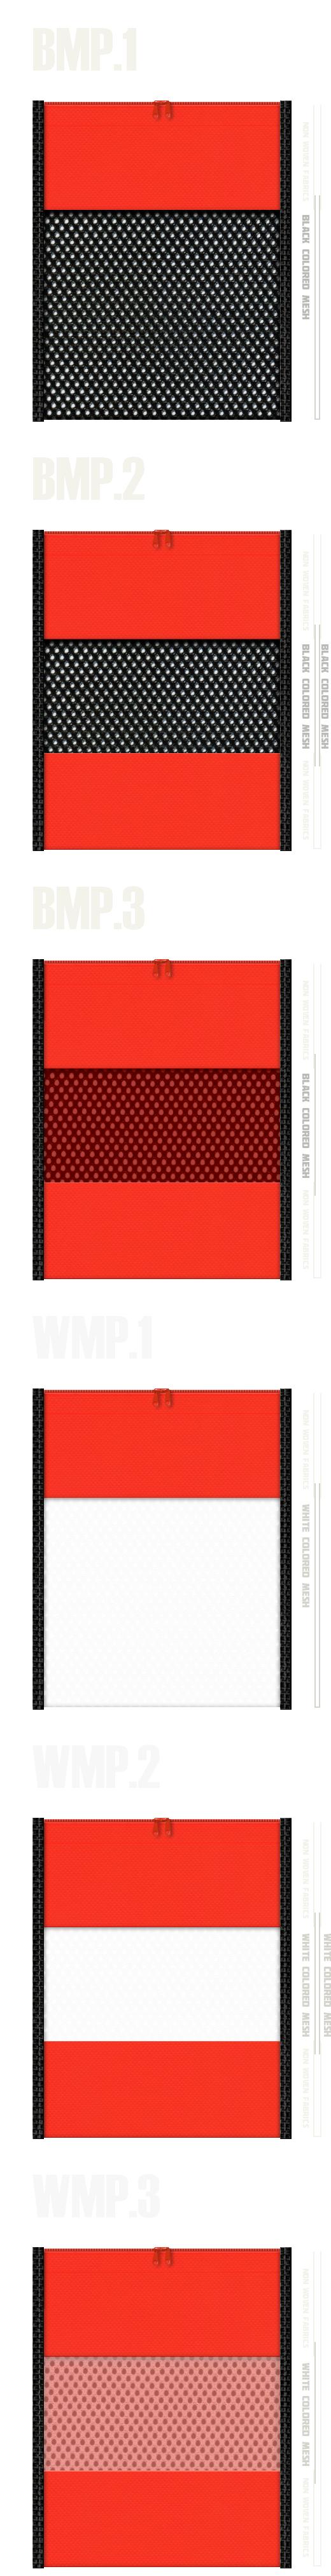 メッシュポーチのカラーシミュレーション:黒色・白色メッシュとオレンジ色不織布の組み合わせ